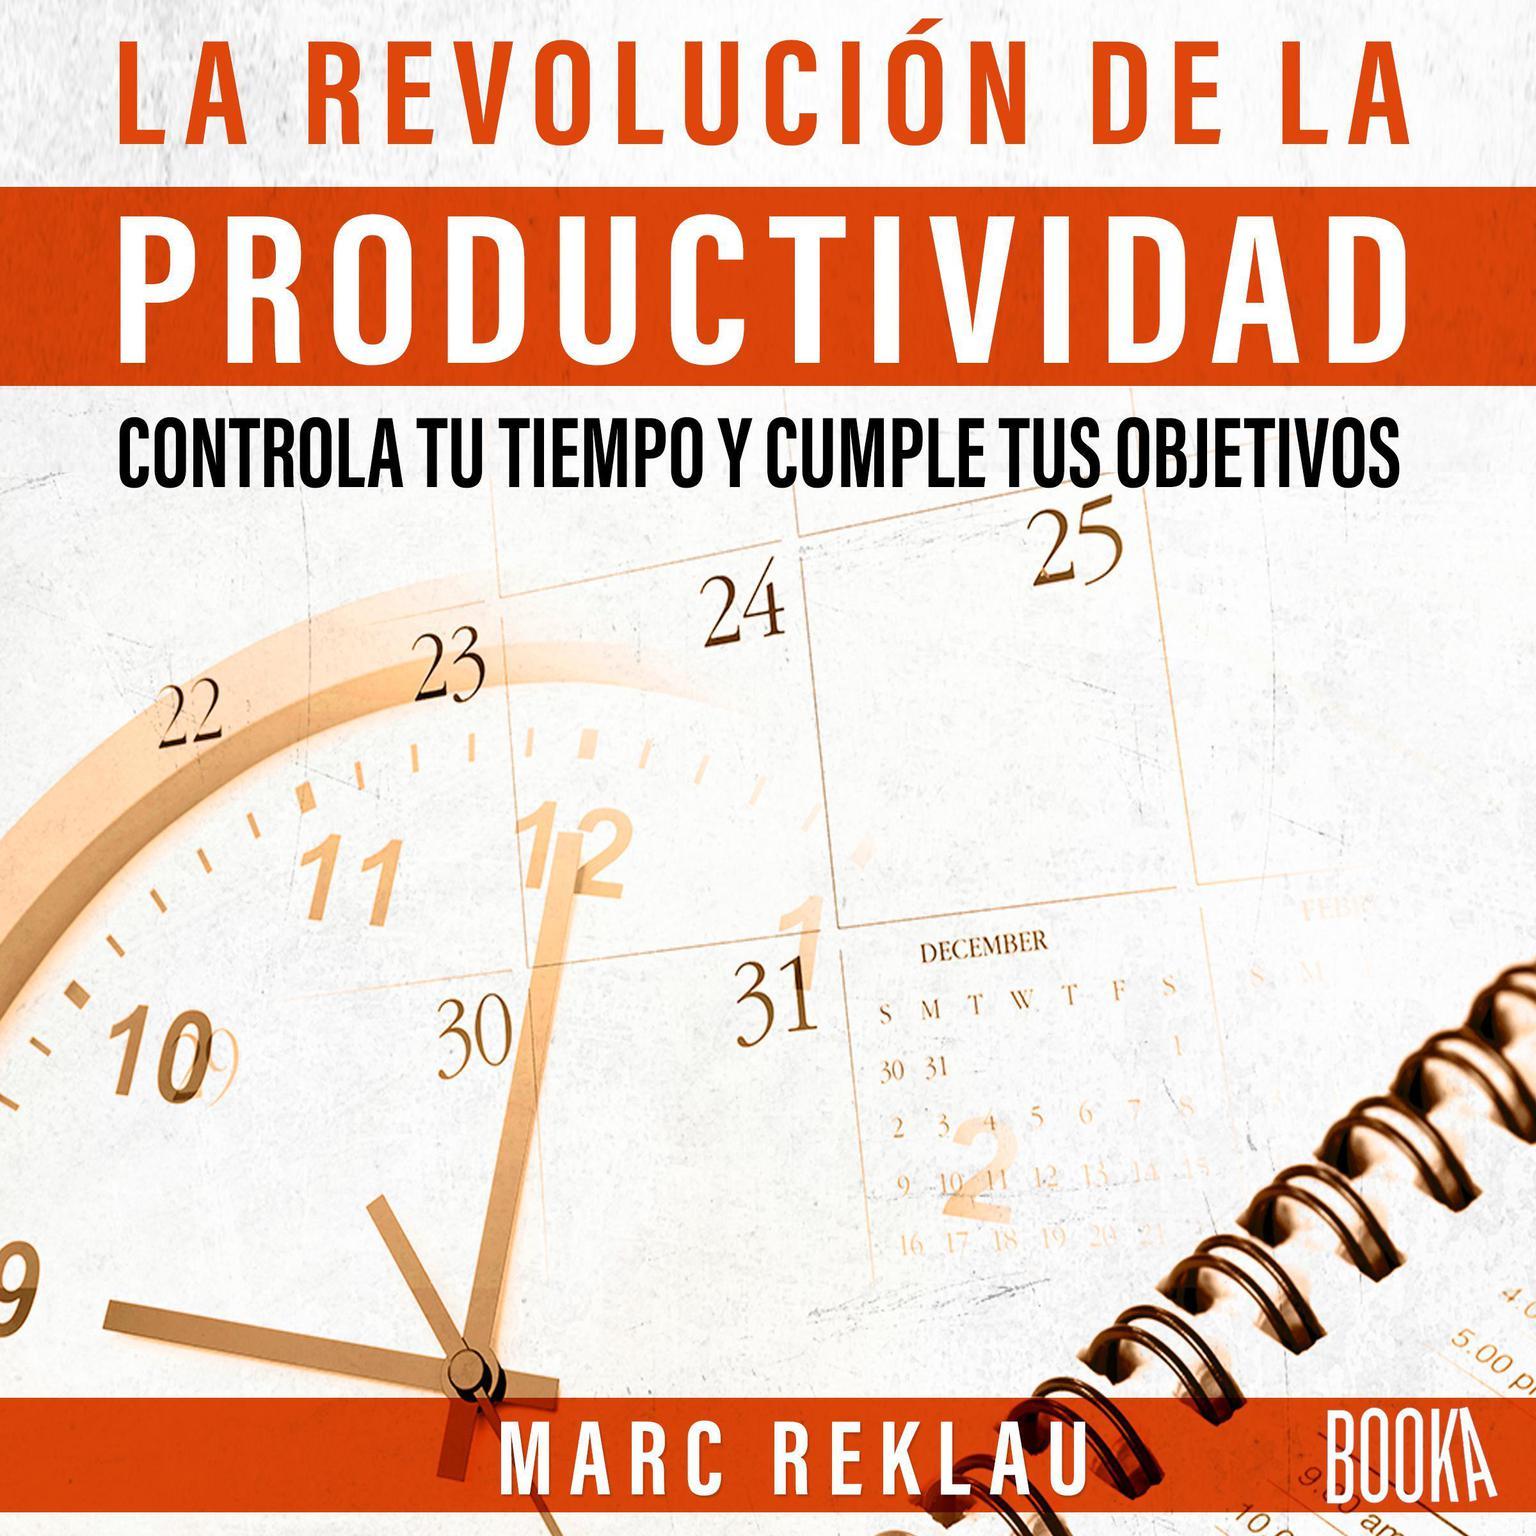 La Revolucion de la Productividad Audiobook, by Marc Reklau